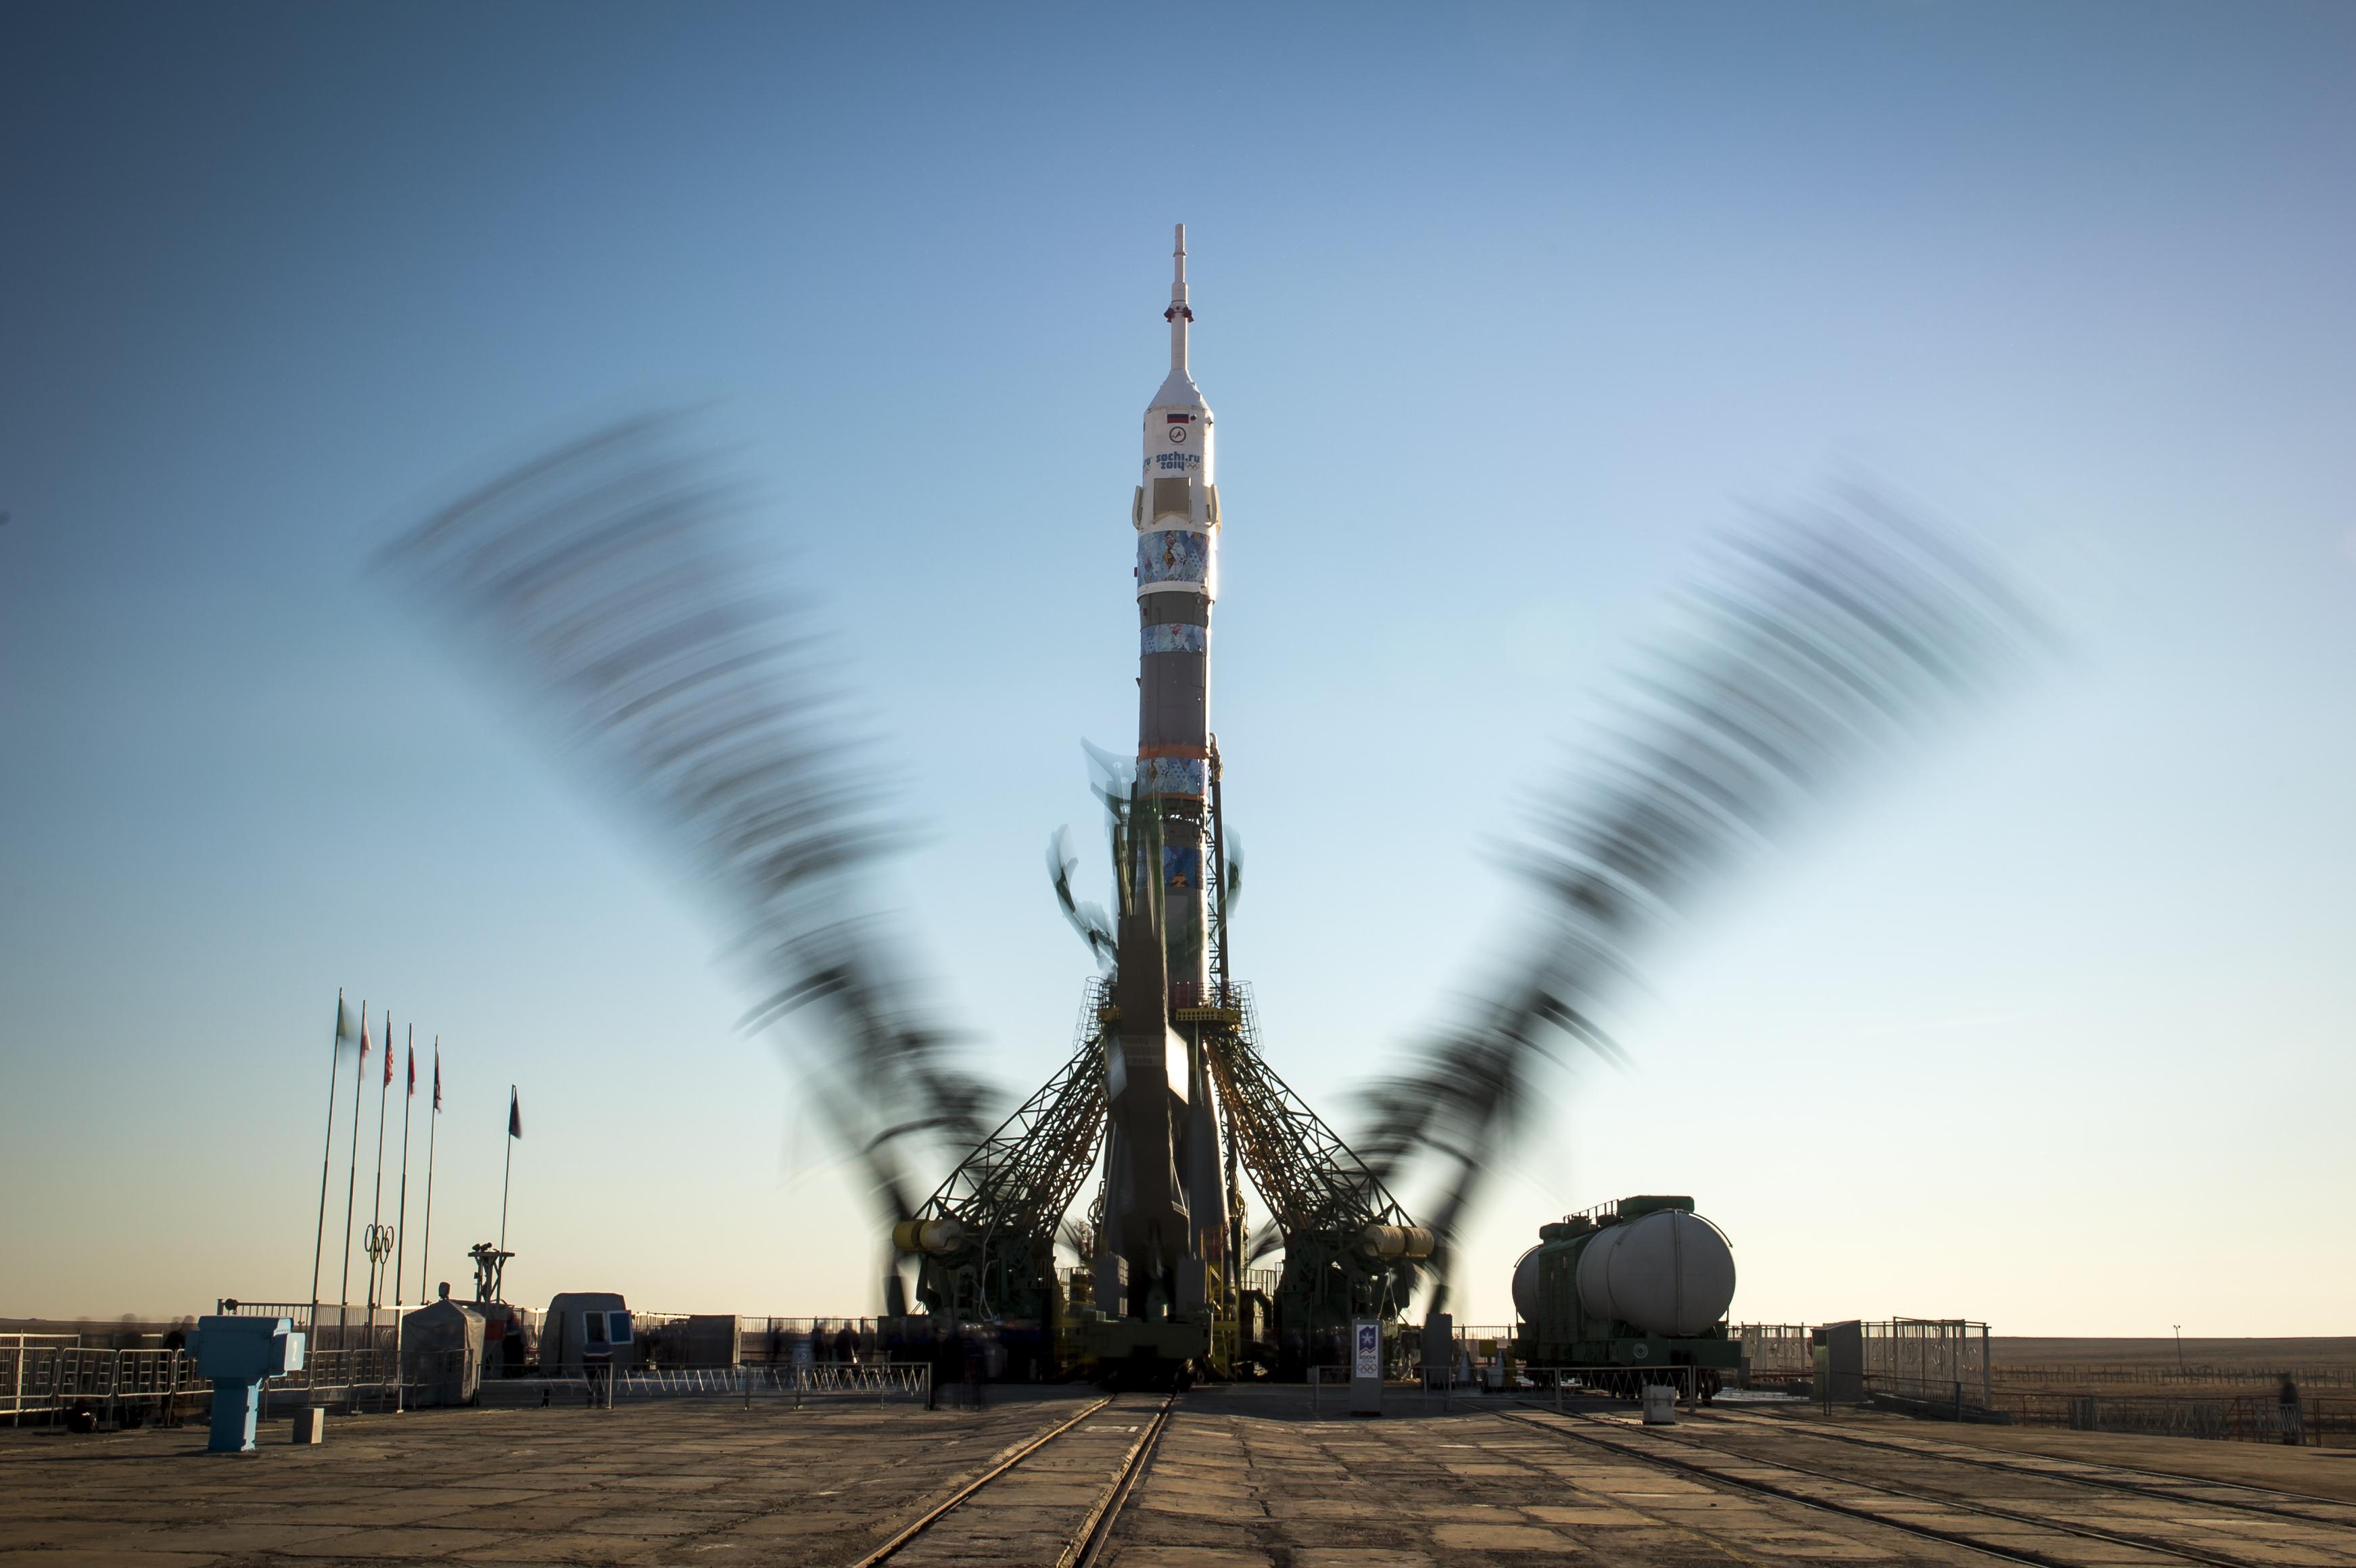 nasa rocket station - photo #24